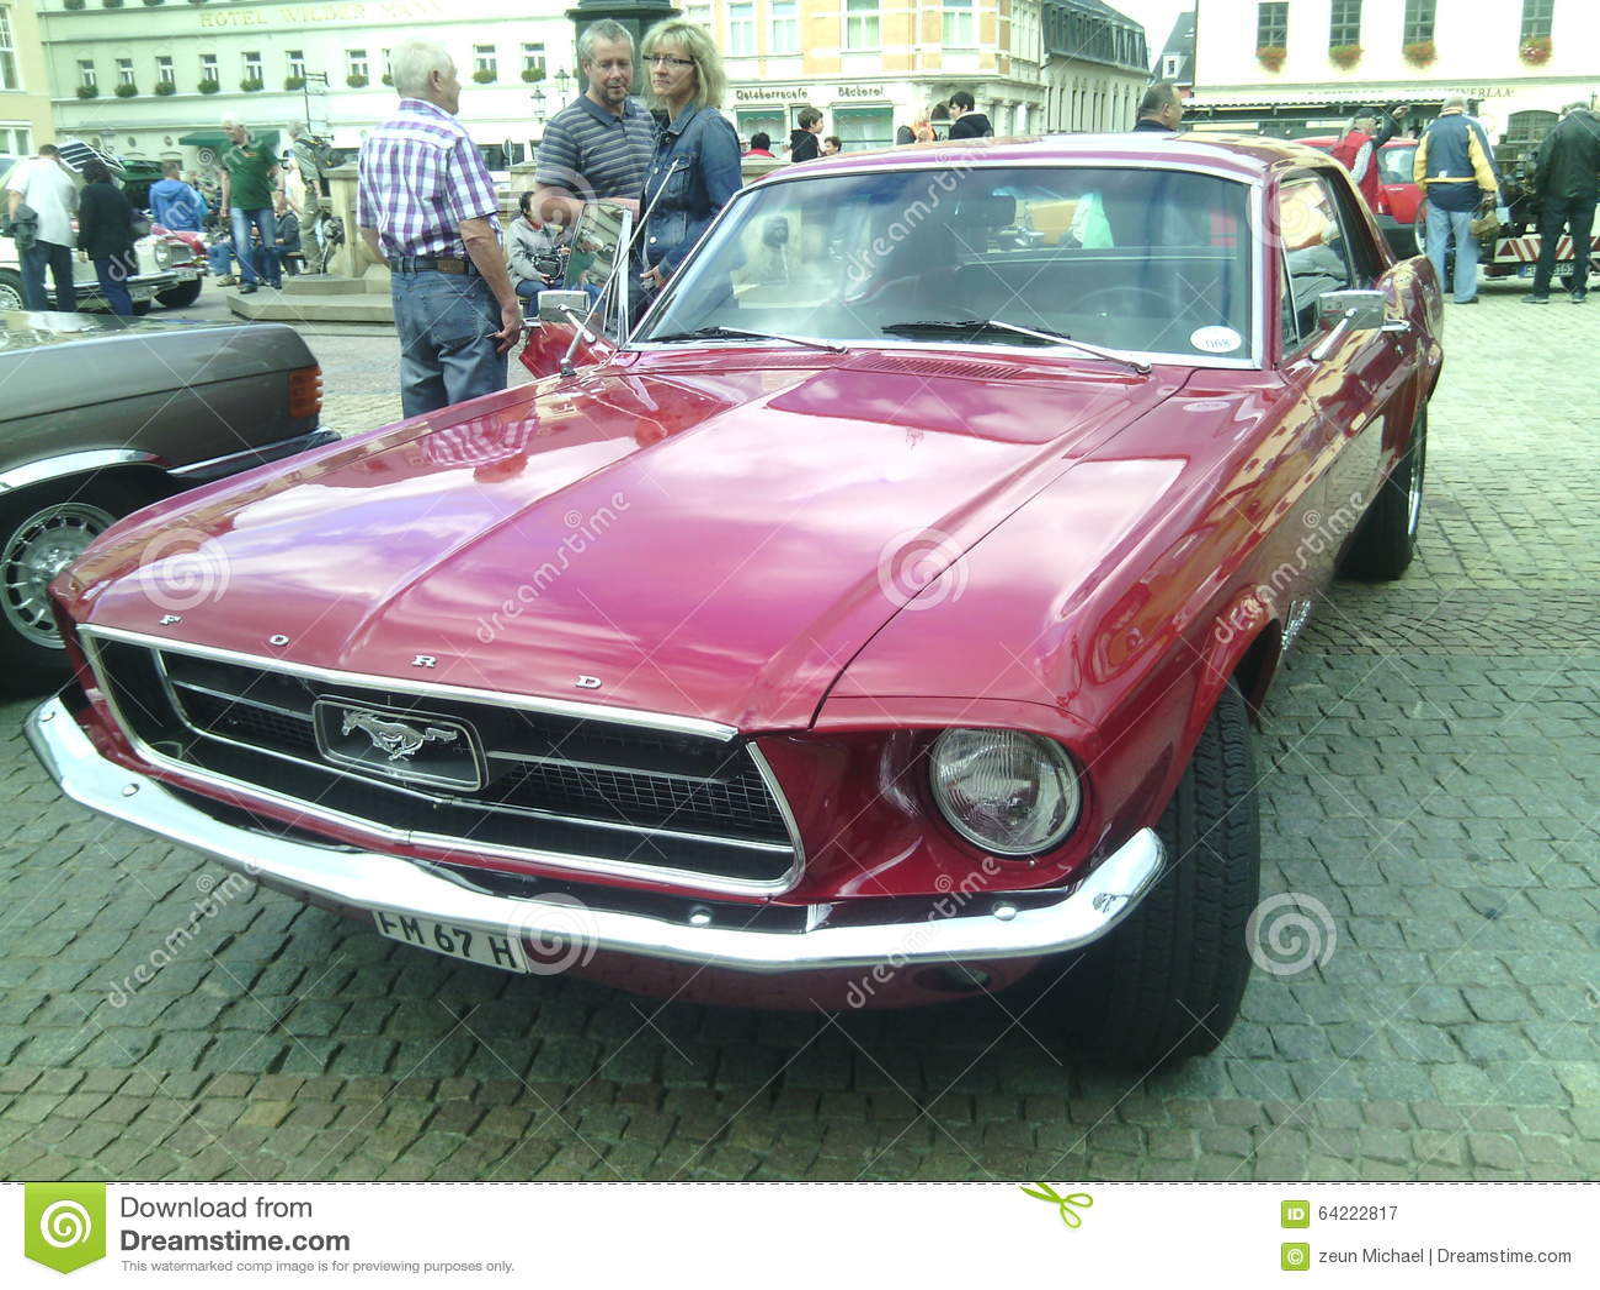 Ford-Mustang ausstellung